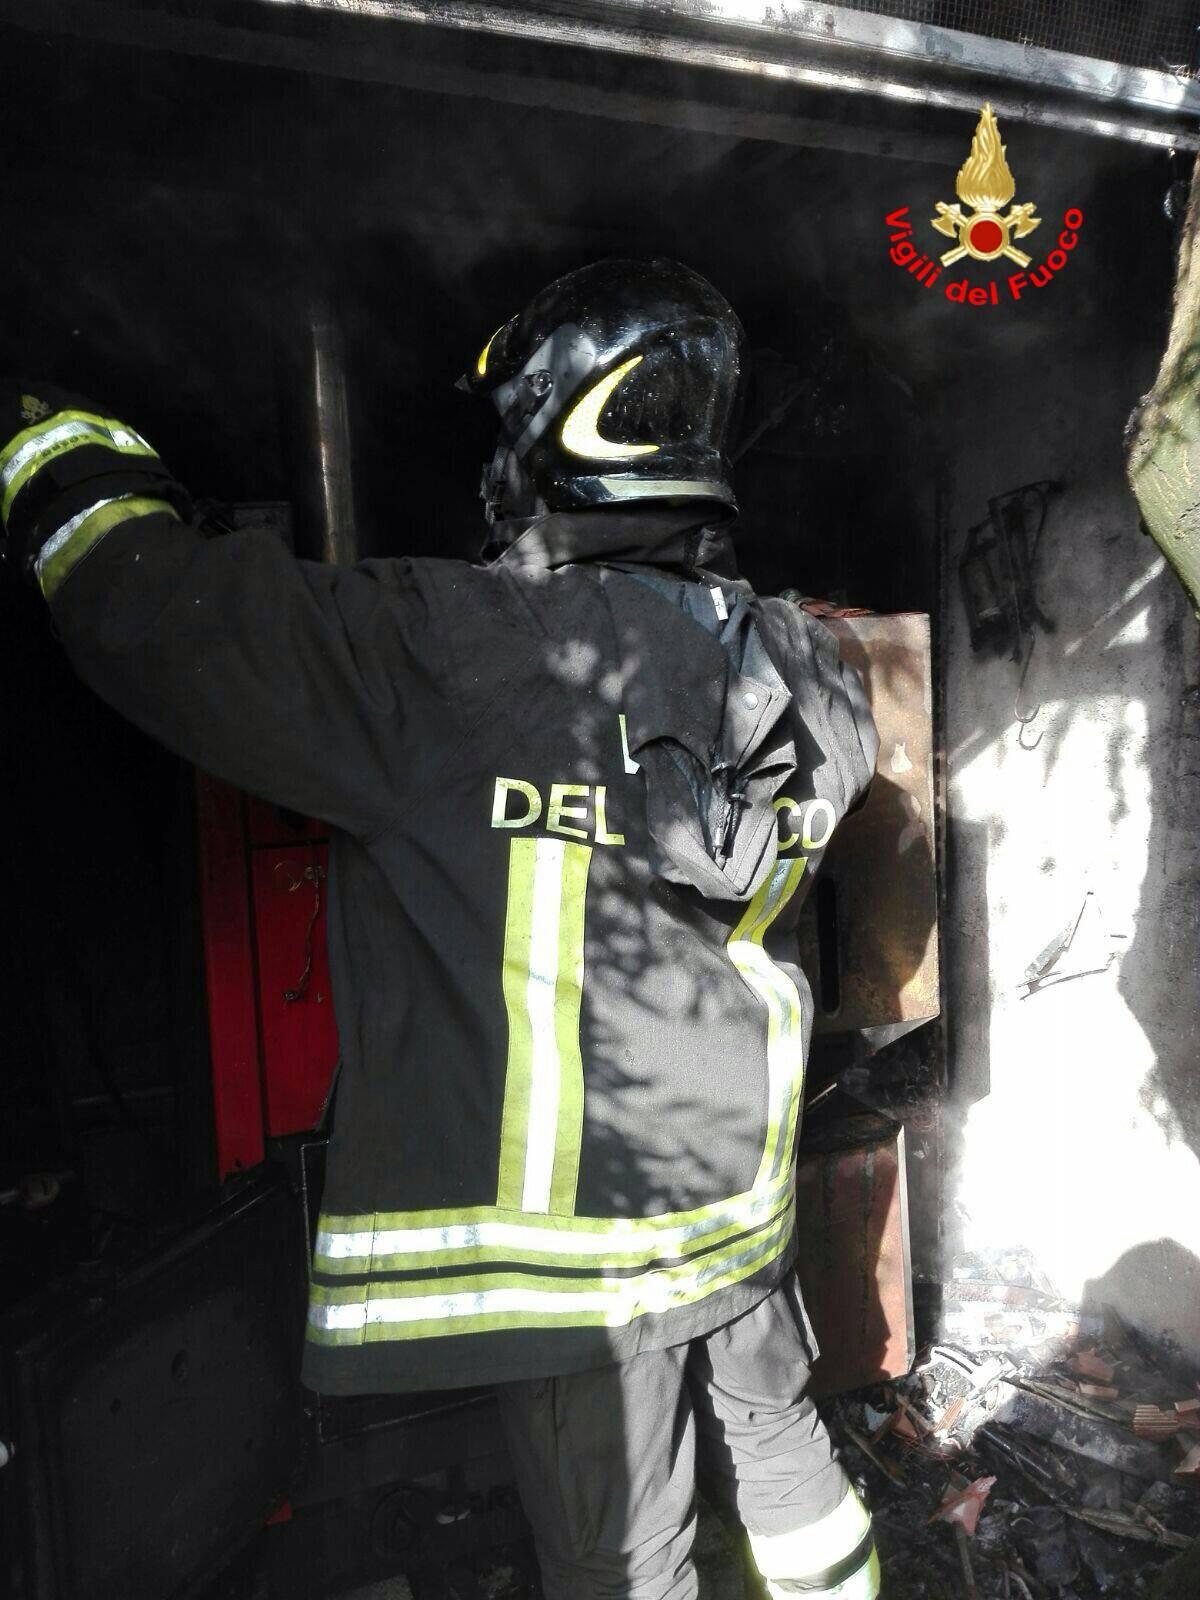 Gaeta a fuoco una caldaia intervengono i vigili del fuoco for Controllo caldaia obbligatorio 2016